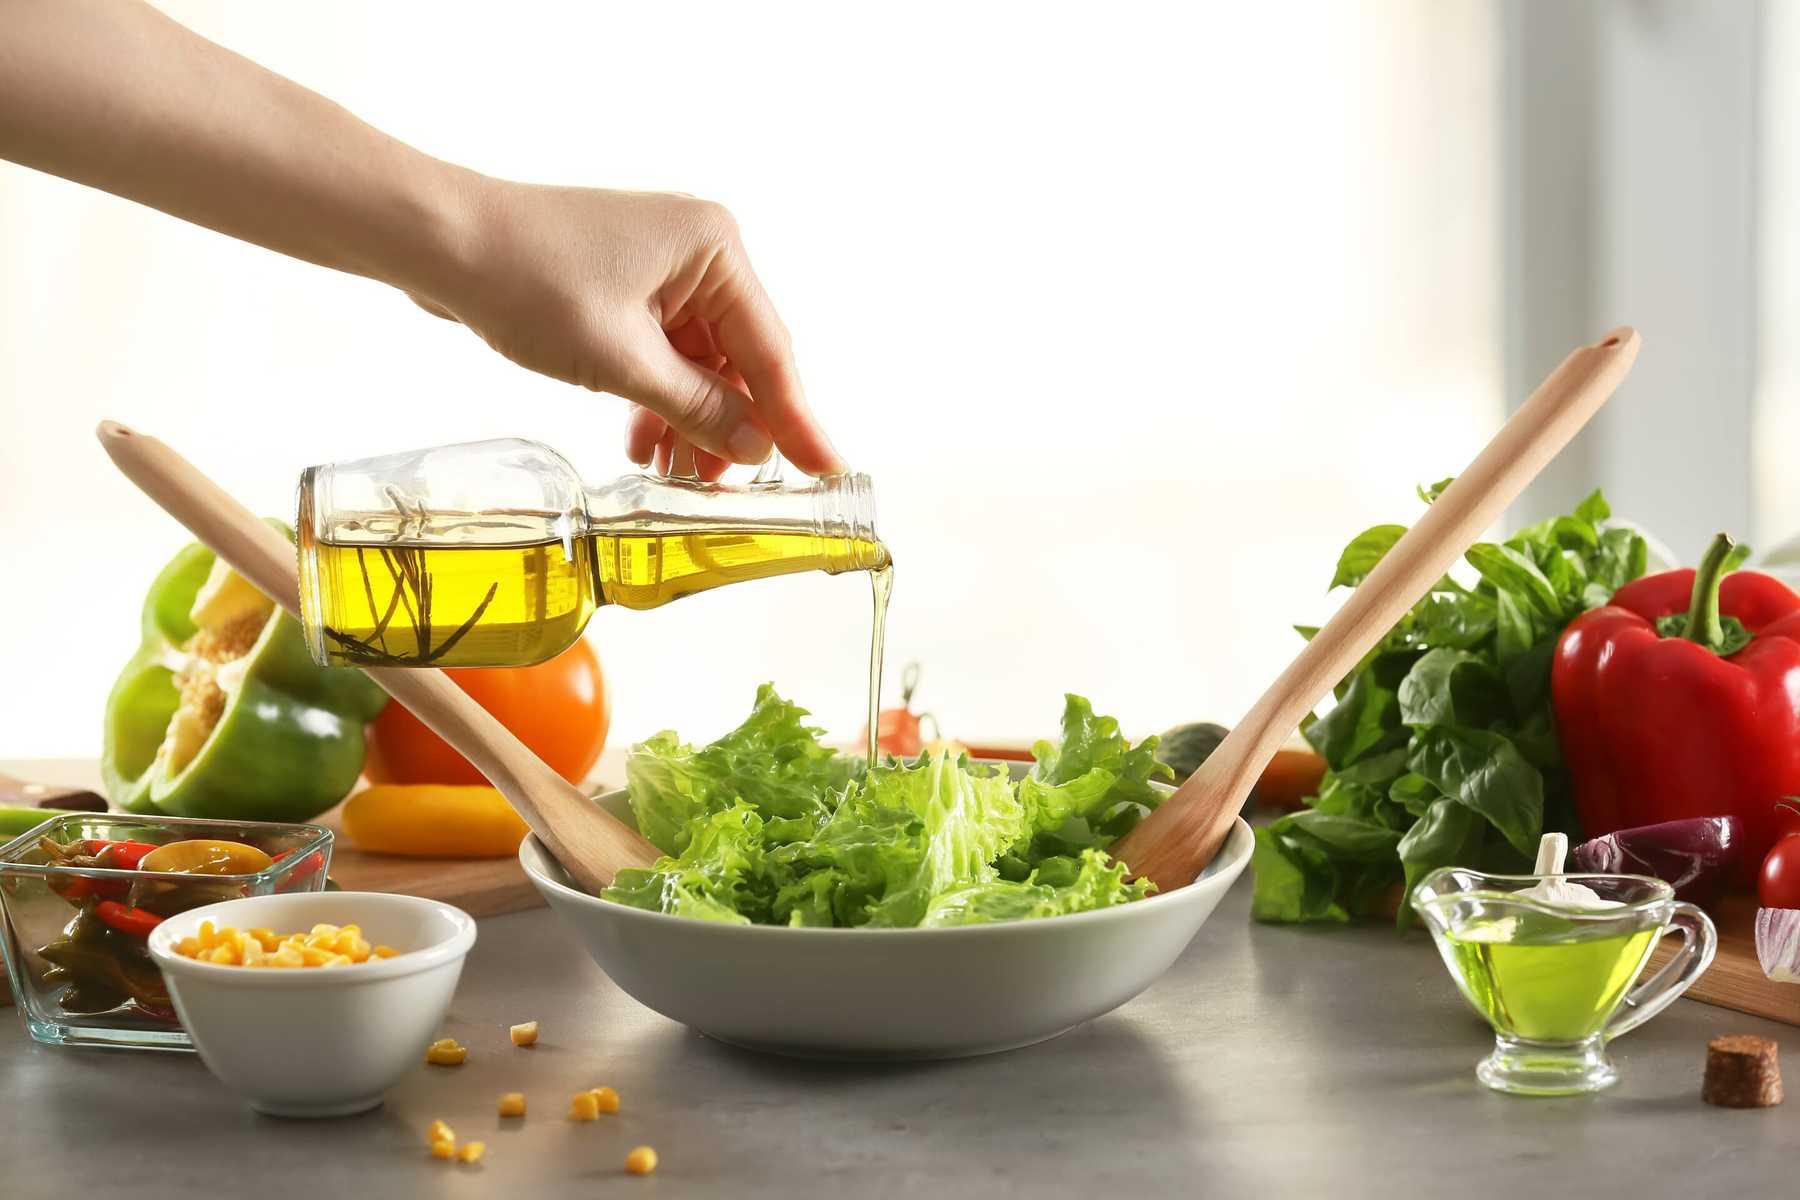 Thành phần dinh dưỡng của dầu oliu, công thức chế biến món ăn từ dầu này - Santorino